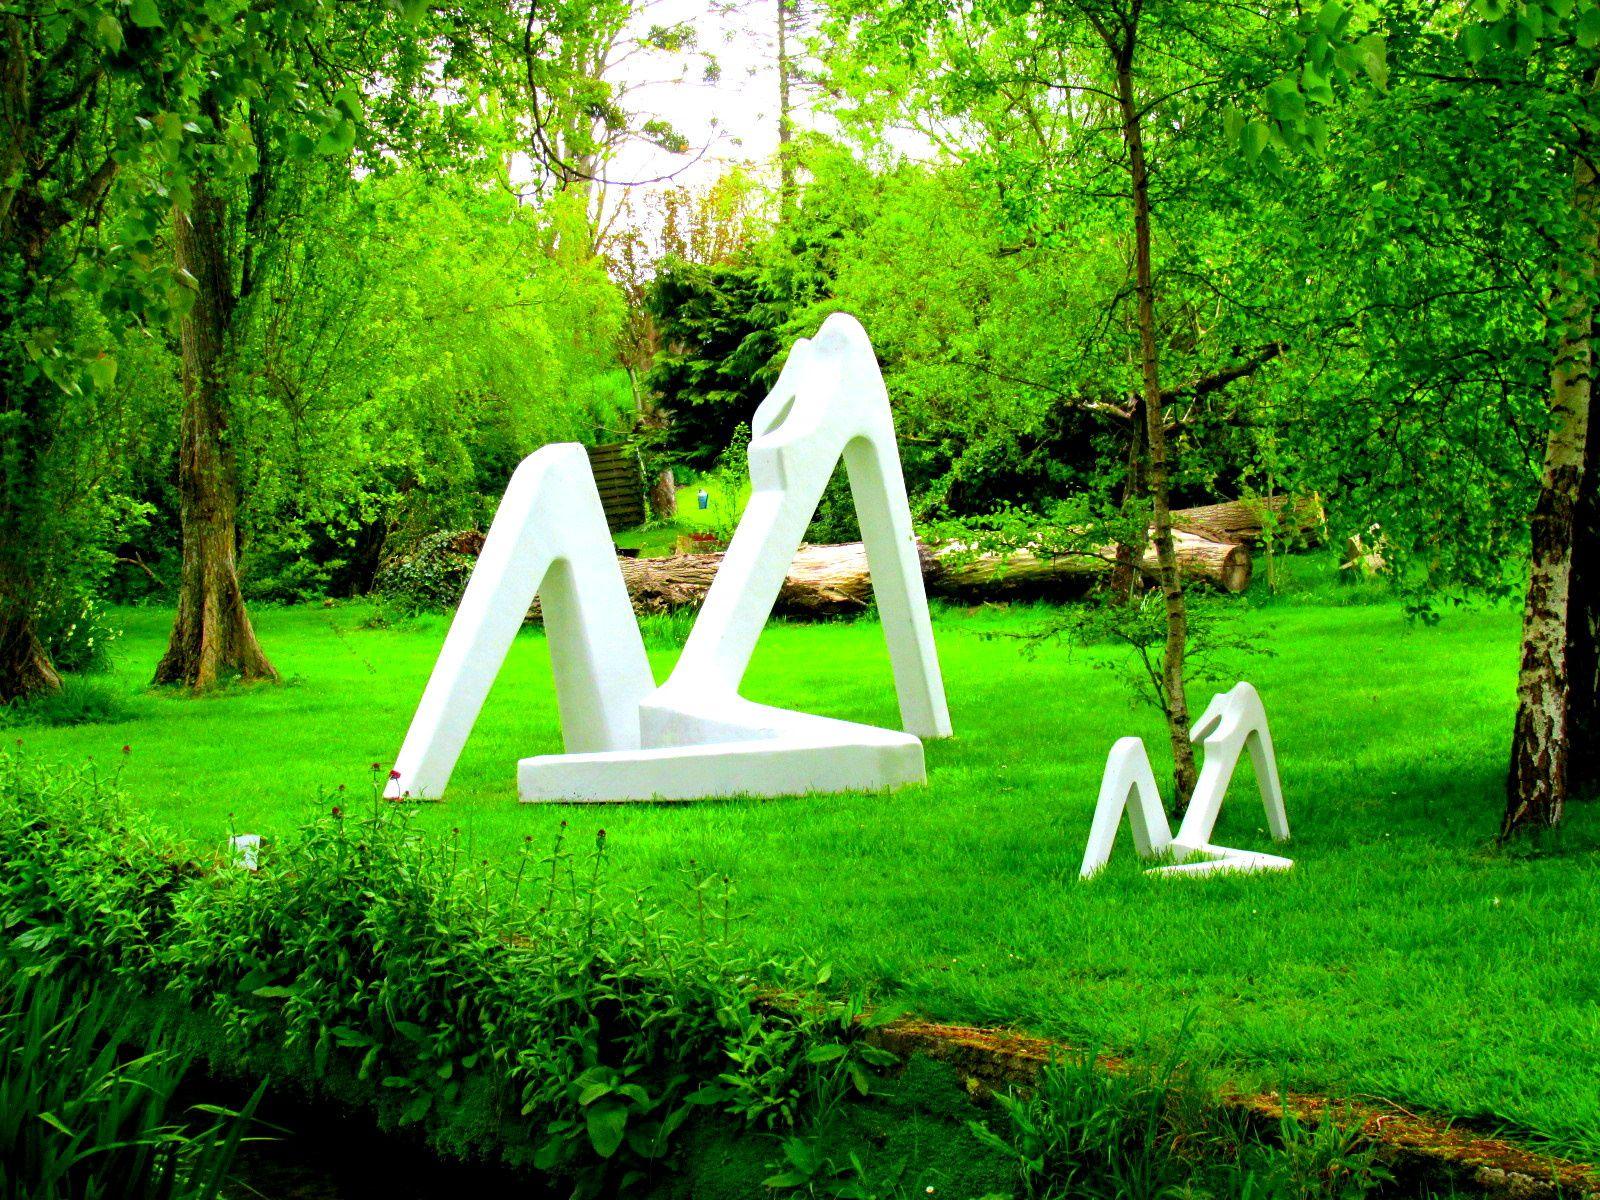 ~ Jour 5 (et dernier) ~ Matinée : A la découverte de la Gronde ~ Jardin normand ~ Silhouettes féminines sculptées par Serge SAINT ~